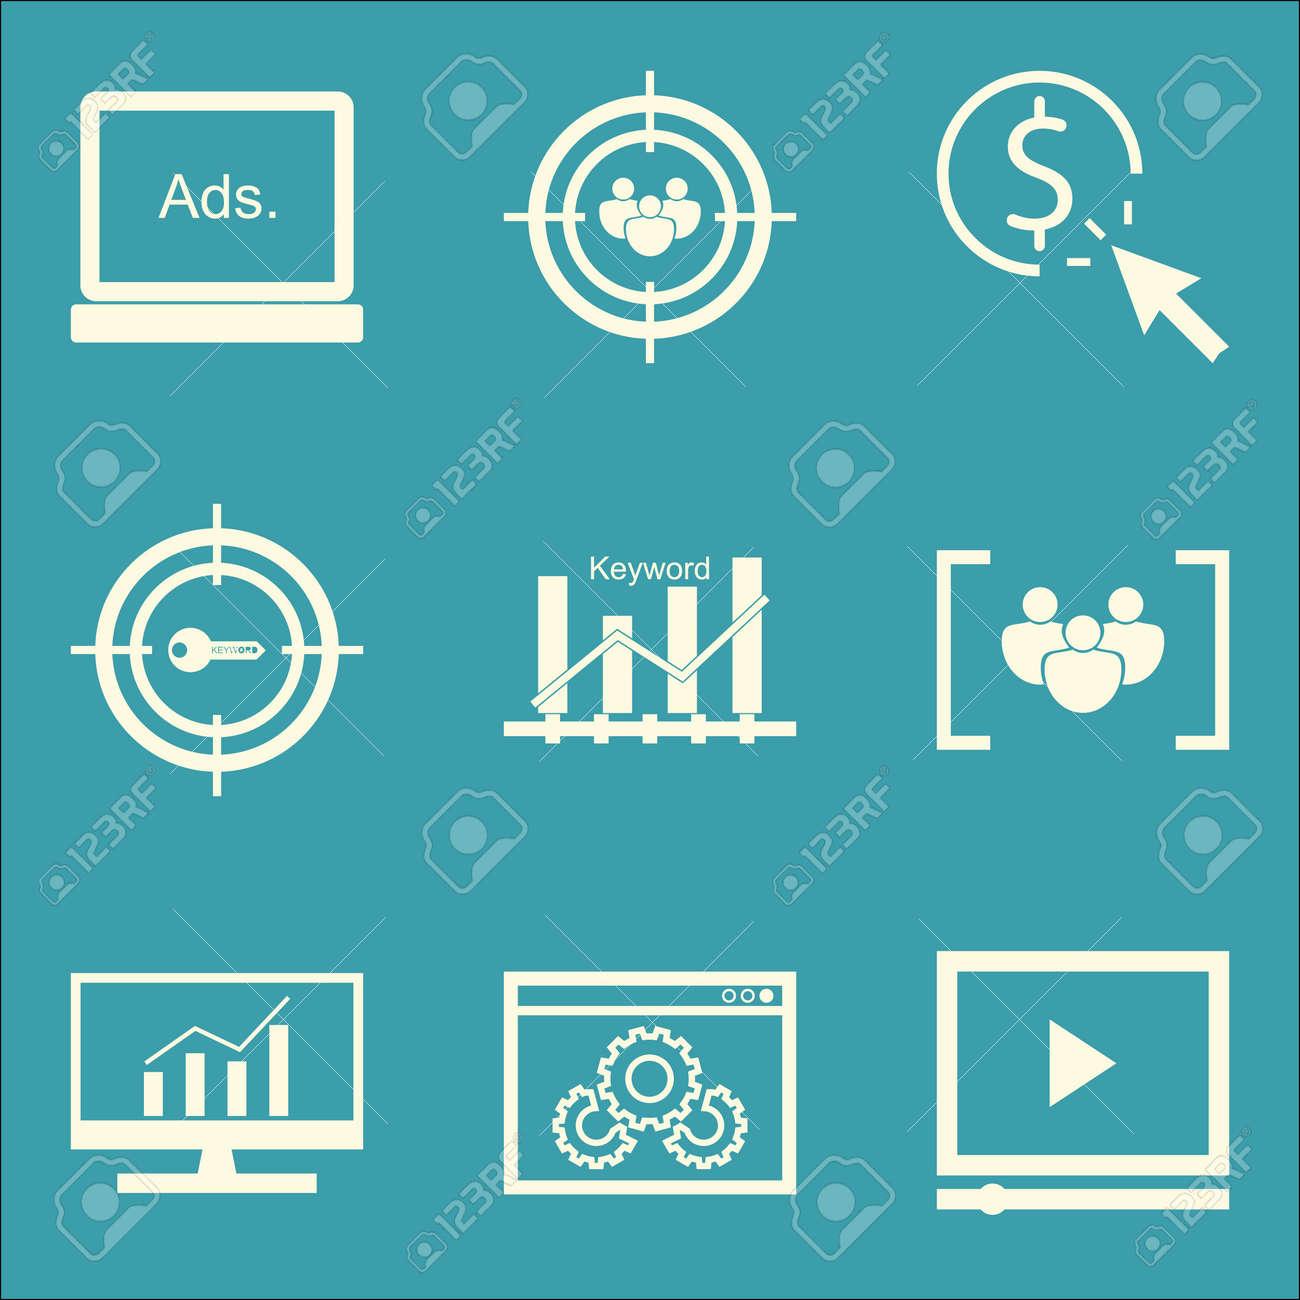 39c580dabe Archivio Fotografico - Set di icone SEO, marketing e pubblicità sul  posizionamento di parole chiave, pubblicità display, pubblicità video e  altro ancora.